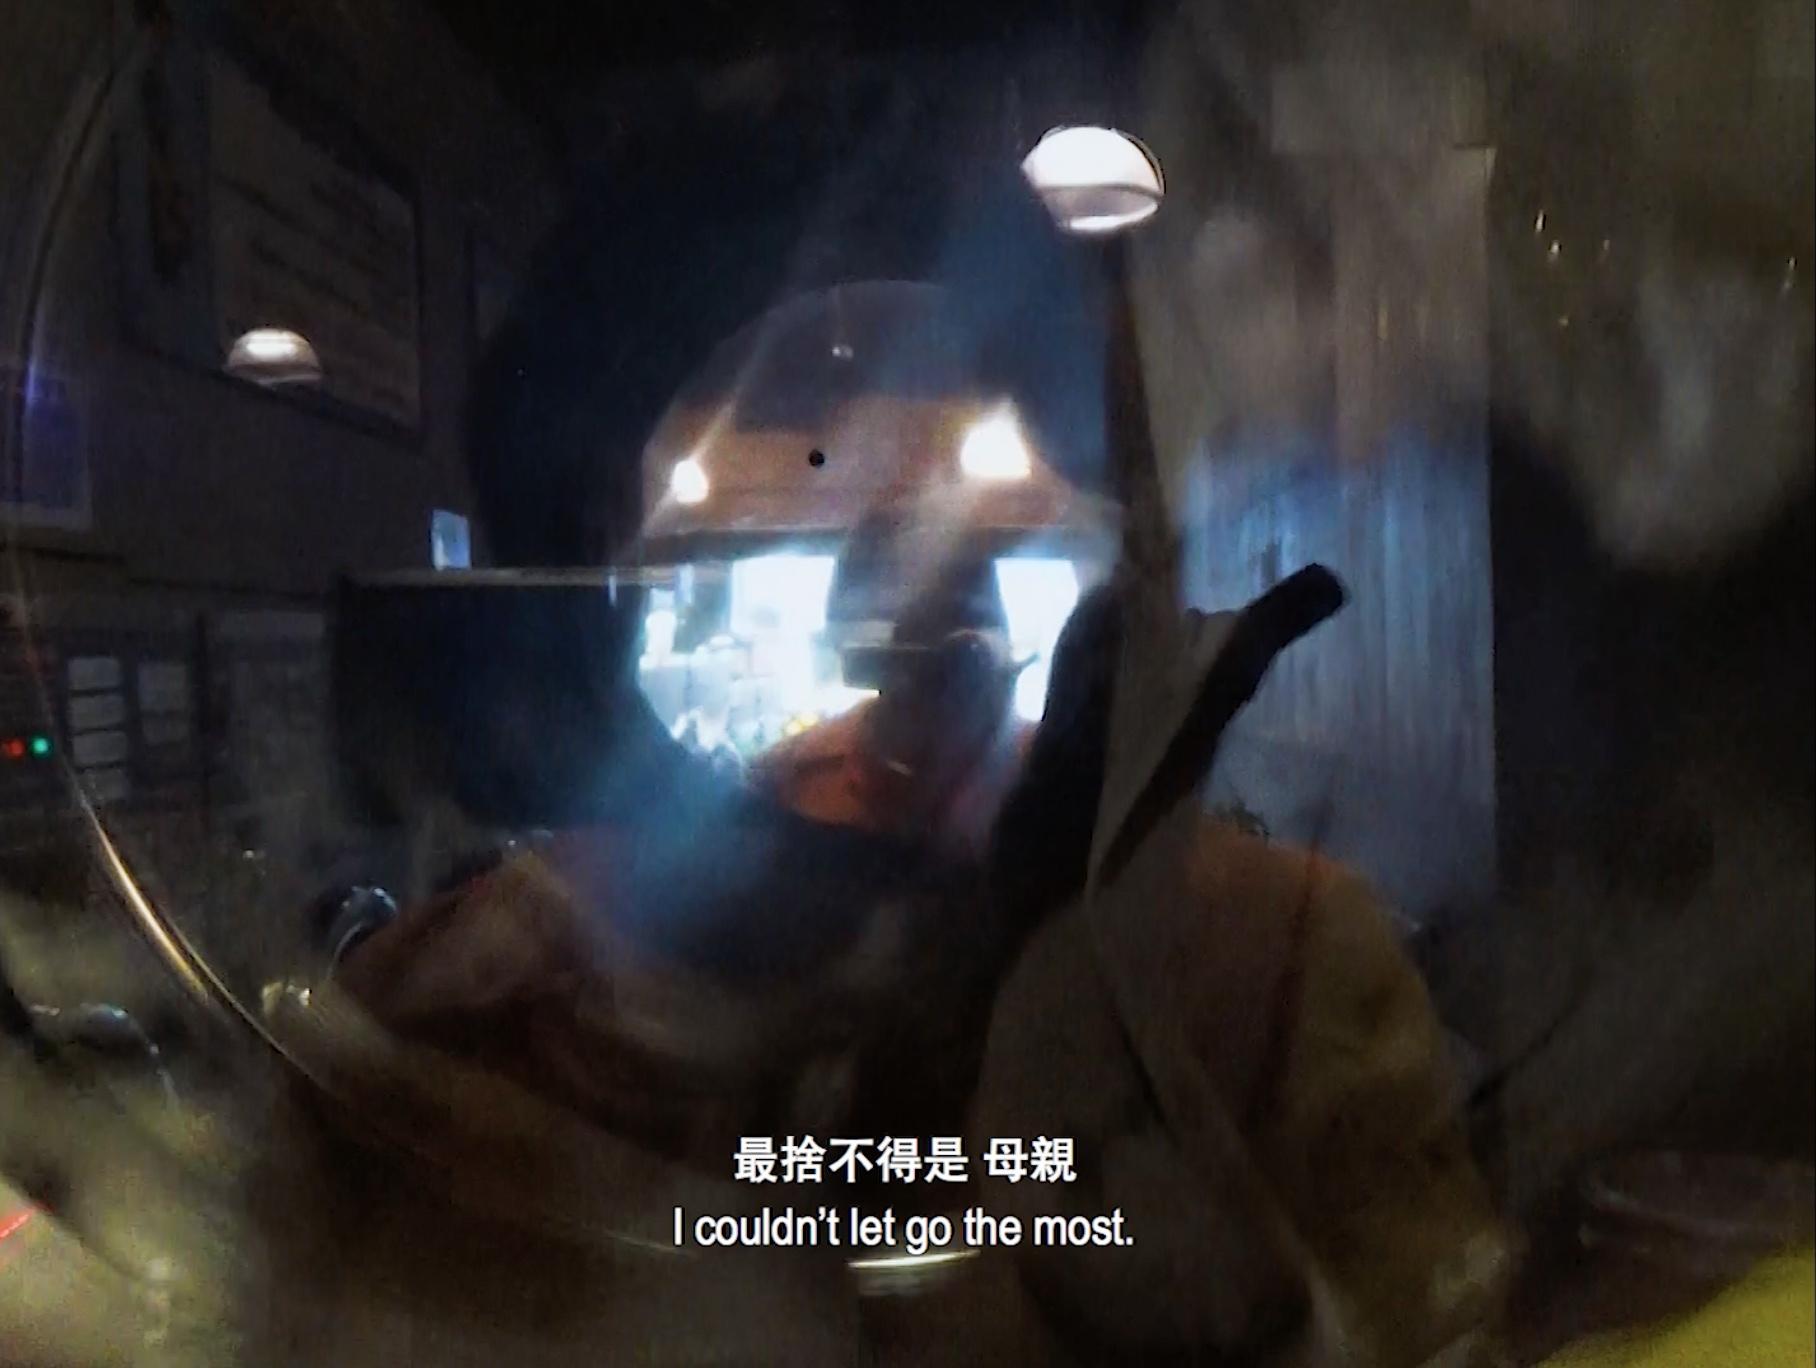 《棉花》以紀錄片直面人生課題 - 訪澳門導演李卓媚